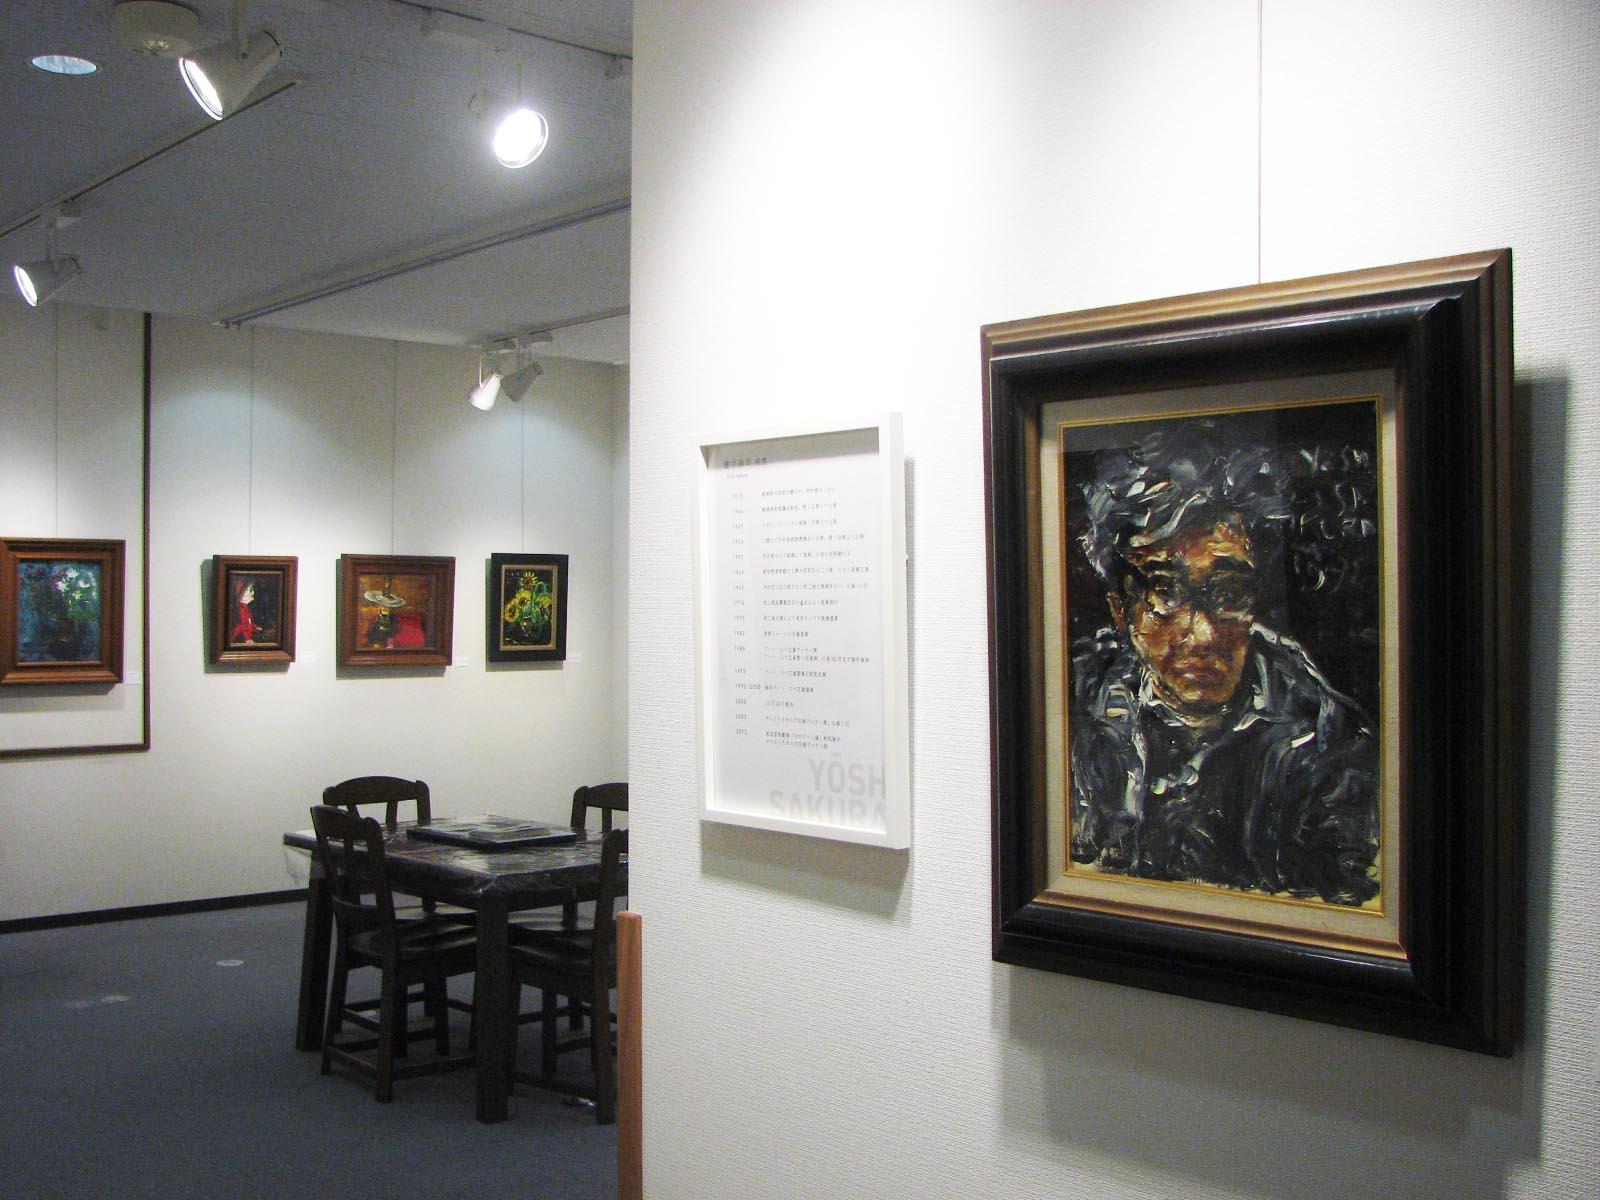 櫻井陽司絵画 (11)